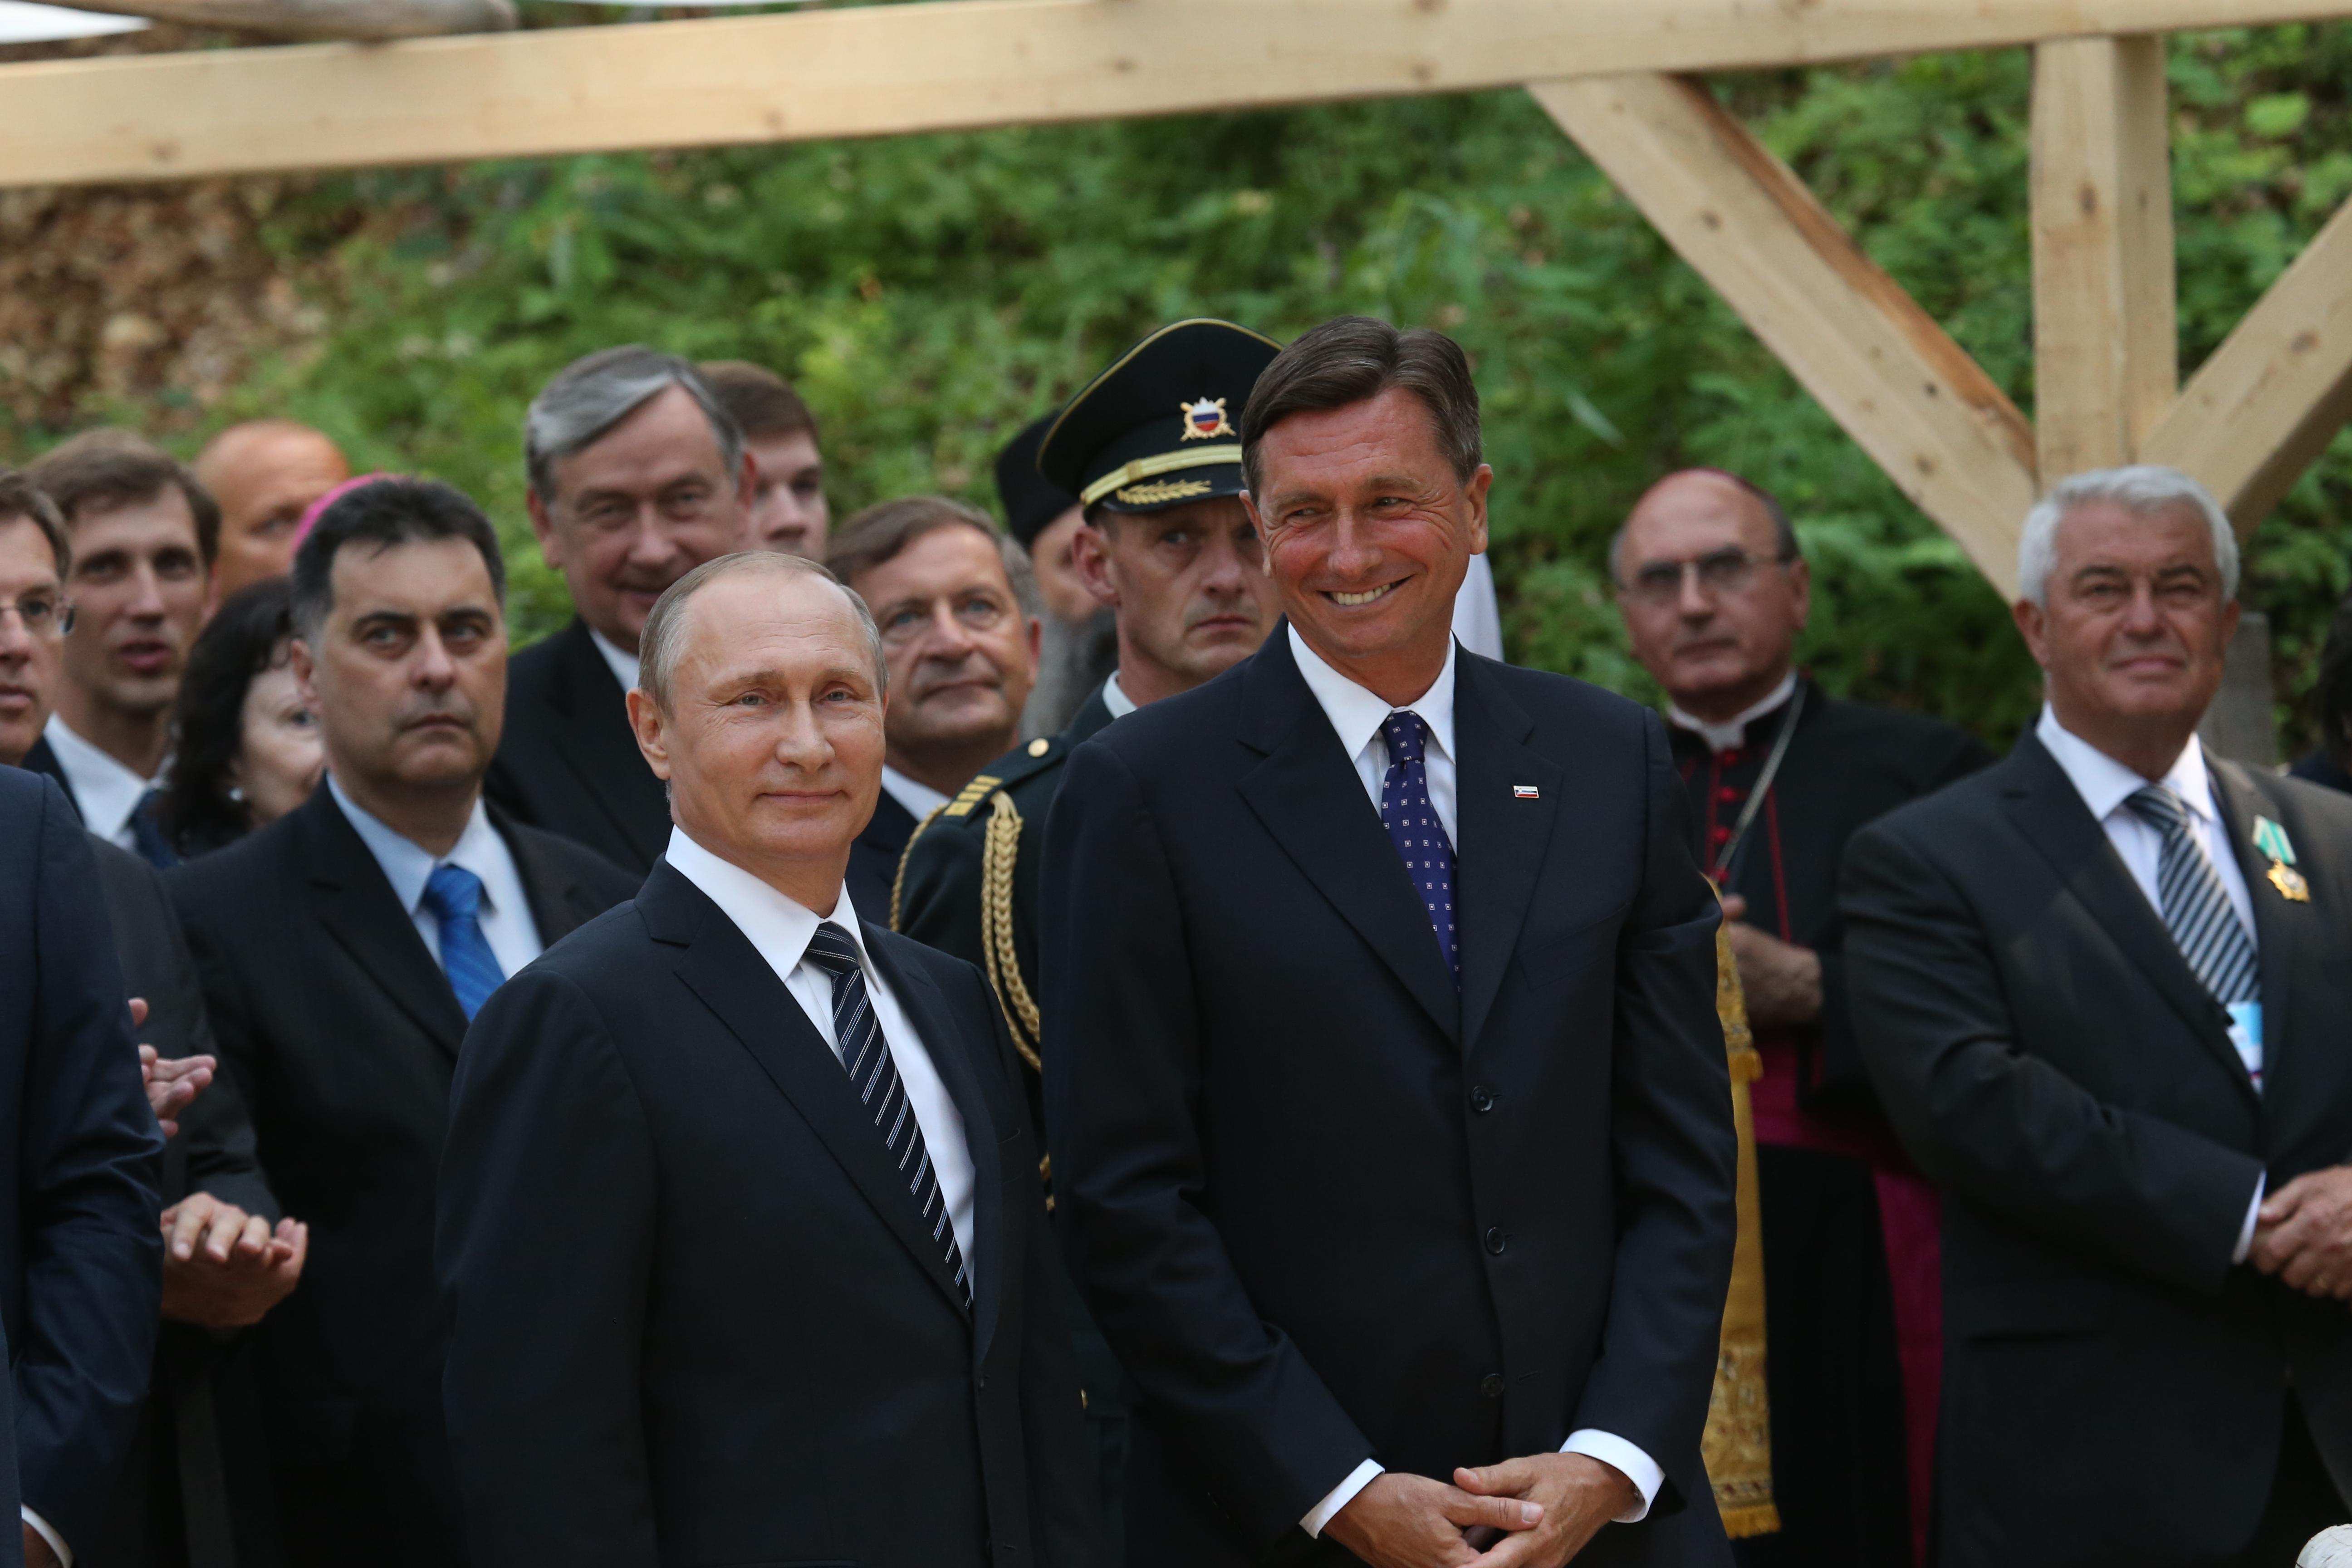 Ruski predsednik Vladimir Putin in njegov gostitelj, slovenski predsednik Borut Pahor.